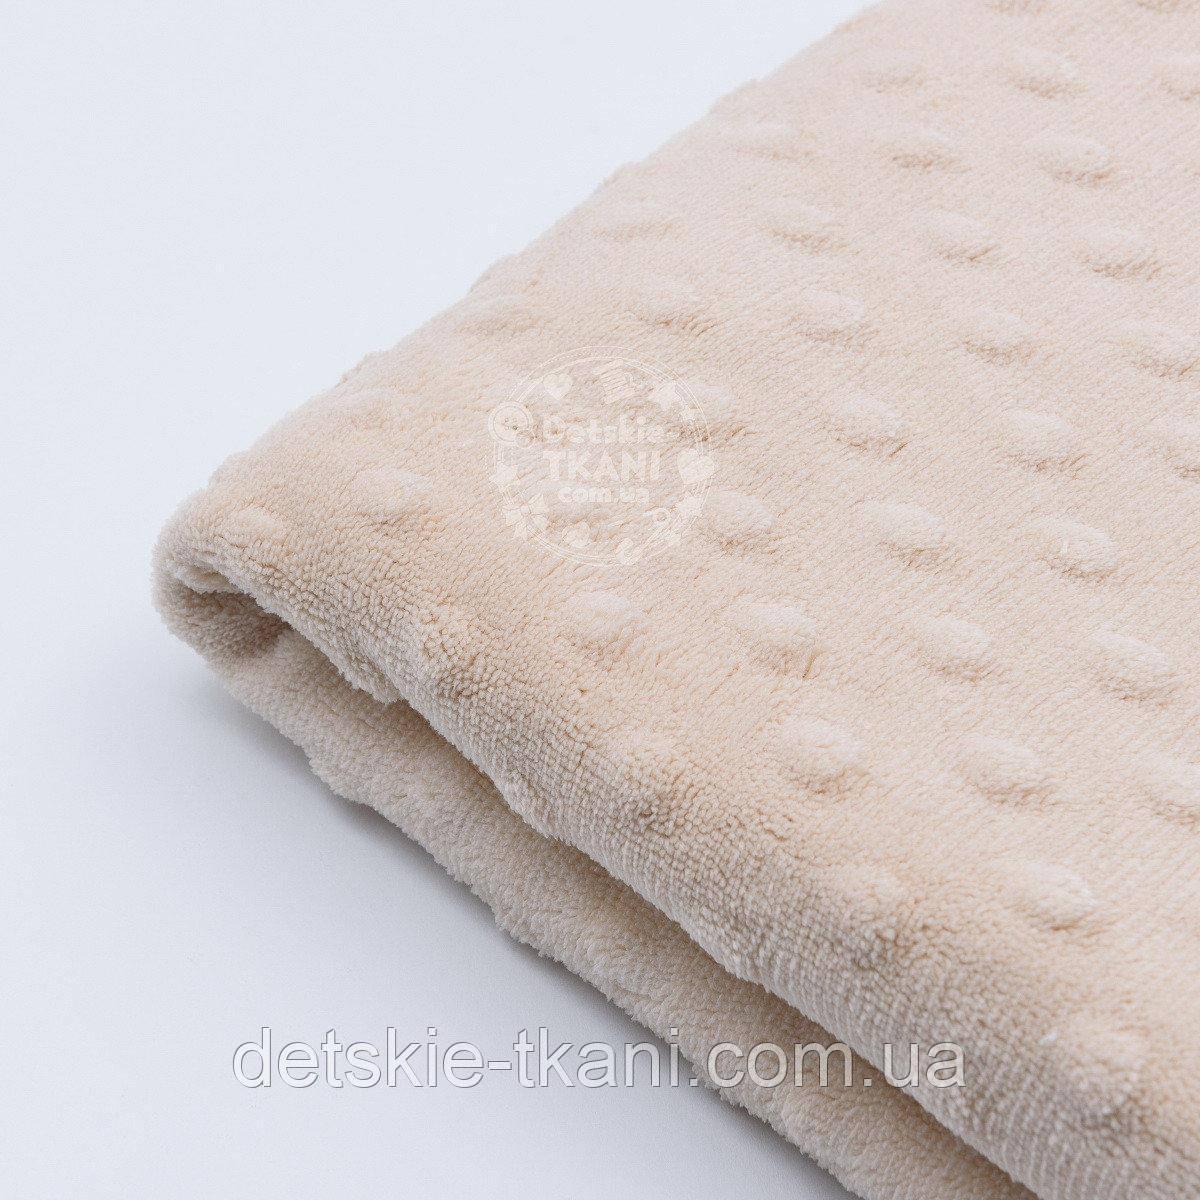 """Лоскут ткани """"Махровые minky"""" кофейного цвета (М-74), размер 55*100 см"""